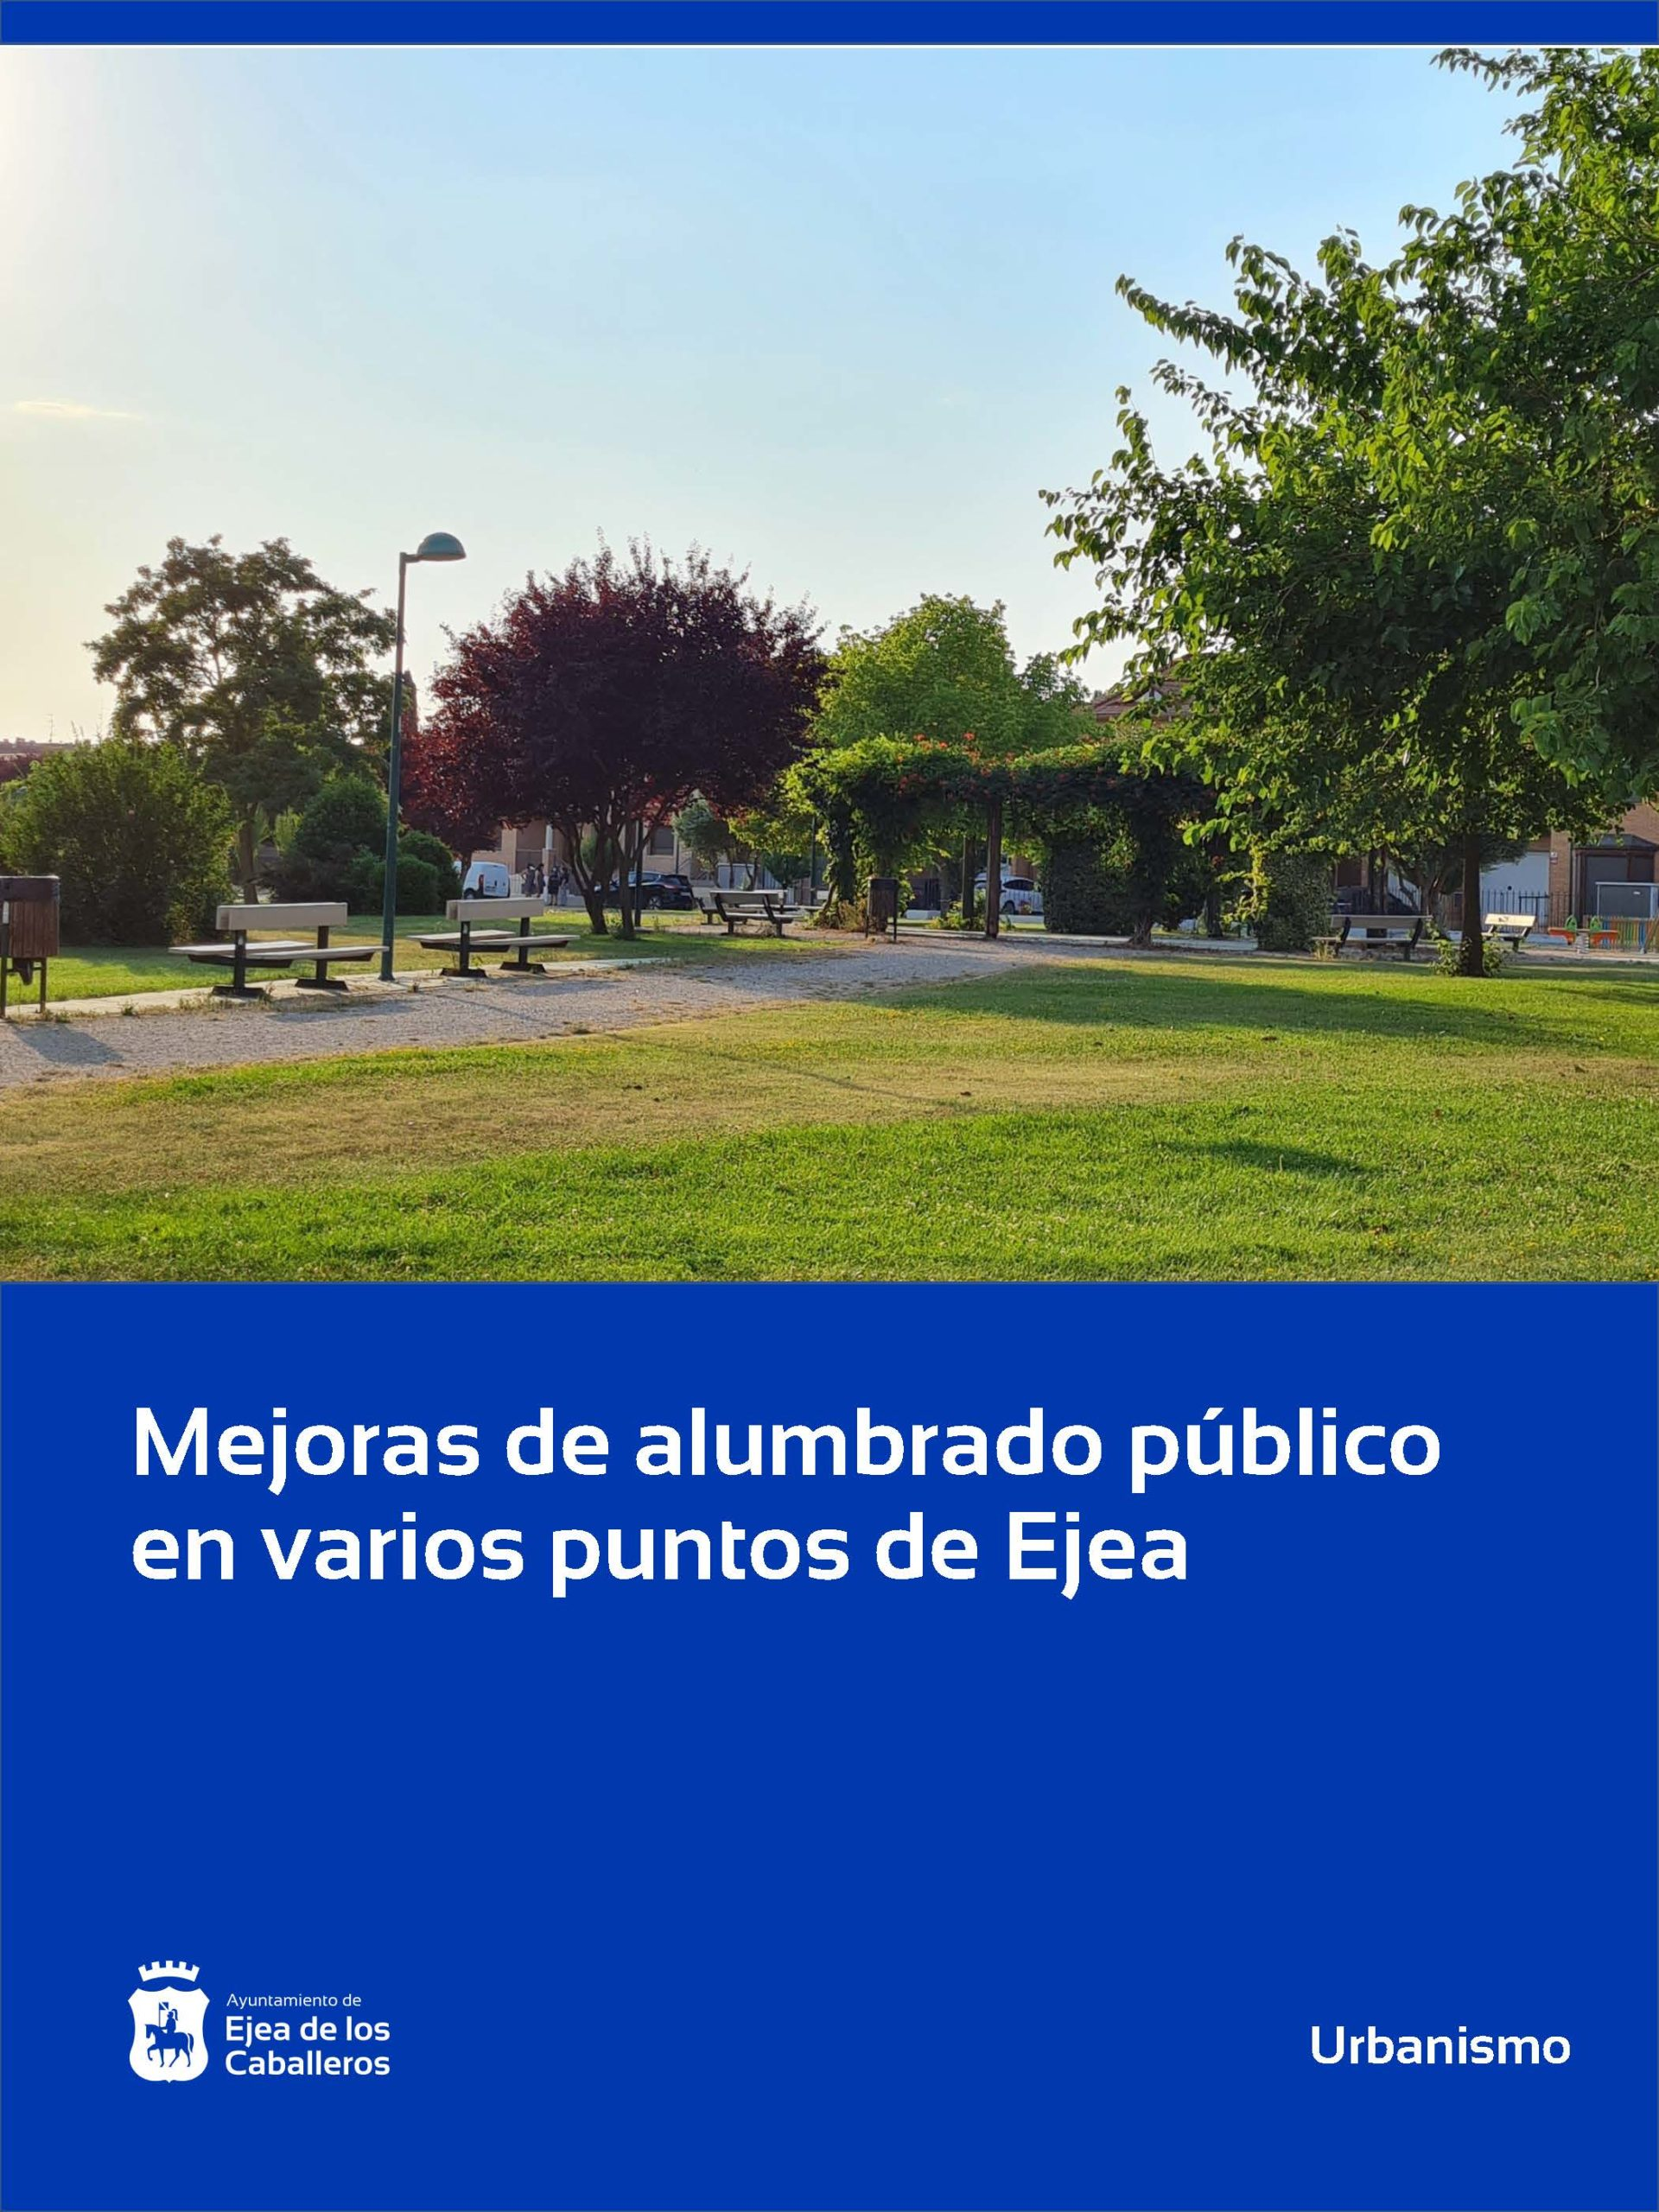 Obras de mejora en el alumbrado público de Ejea de los Caballeros